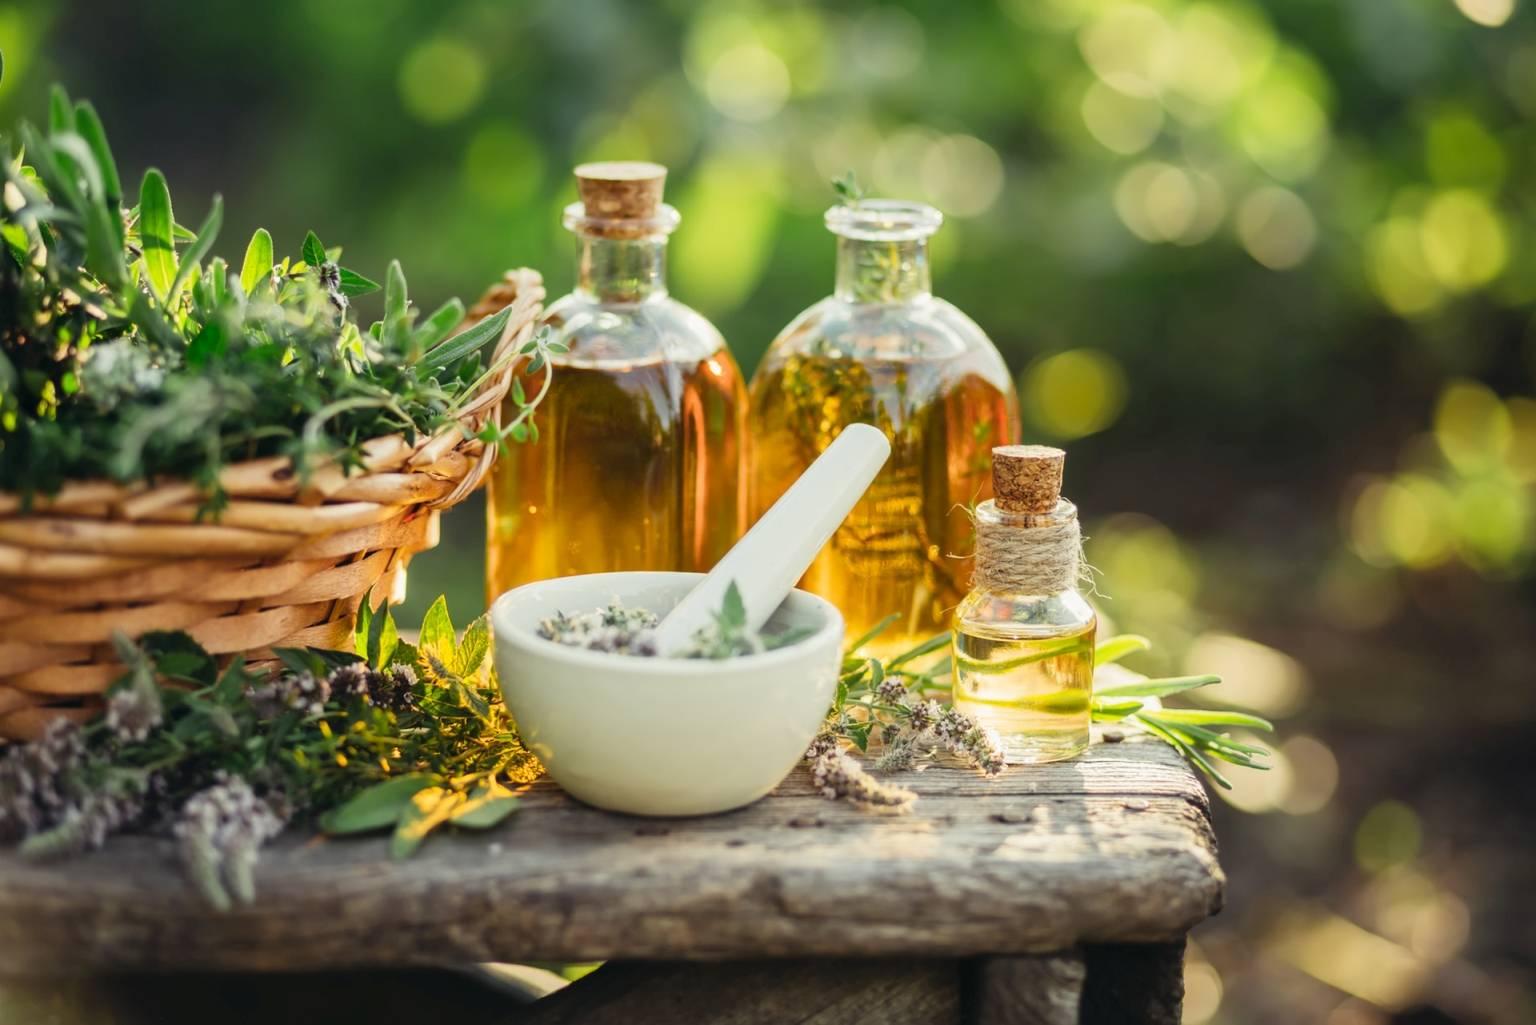 Mieszanki ziołowe na przeziębienie i odporność. Na drewnianym stole w ogrodzie stoją butelki z olejkami, biały moździerz z ziołami i kosz pełen ziół i roślin.